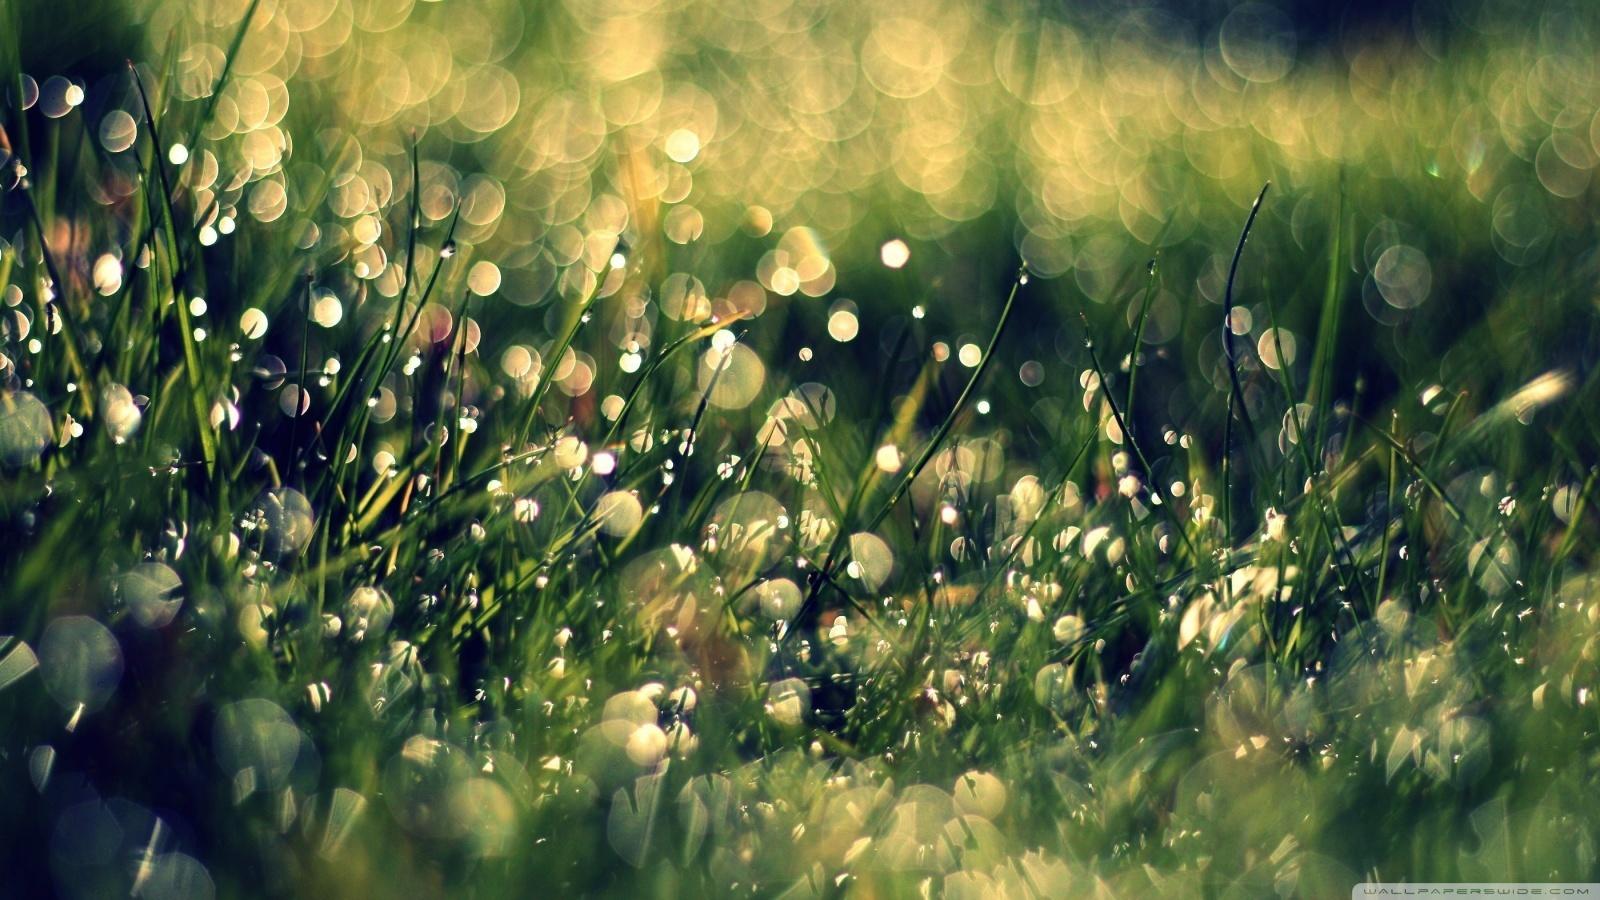 16584 скачать обои Растения, Трава, Фон, Капли - заставки и картинки бесплатно